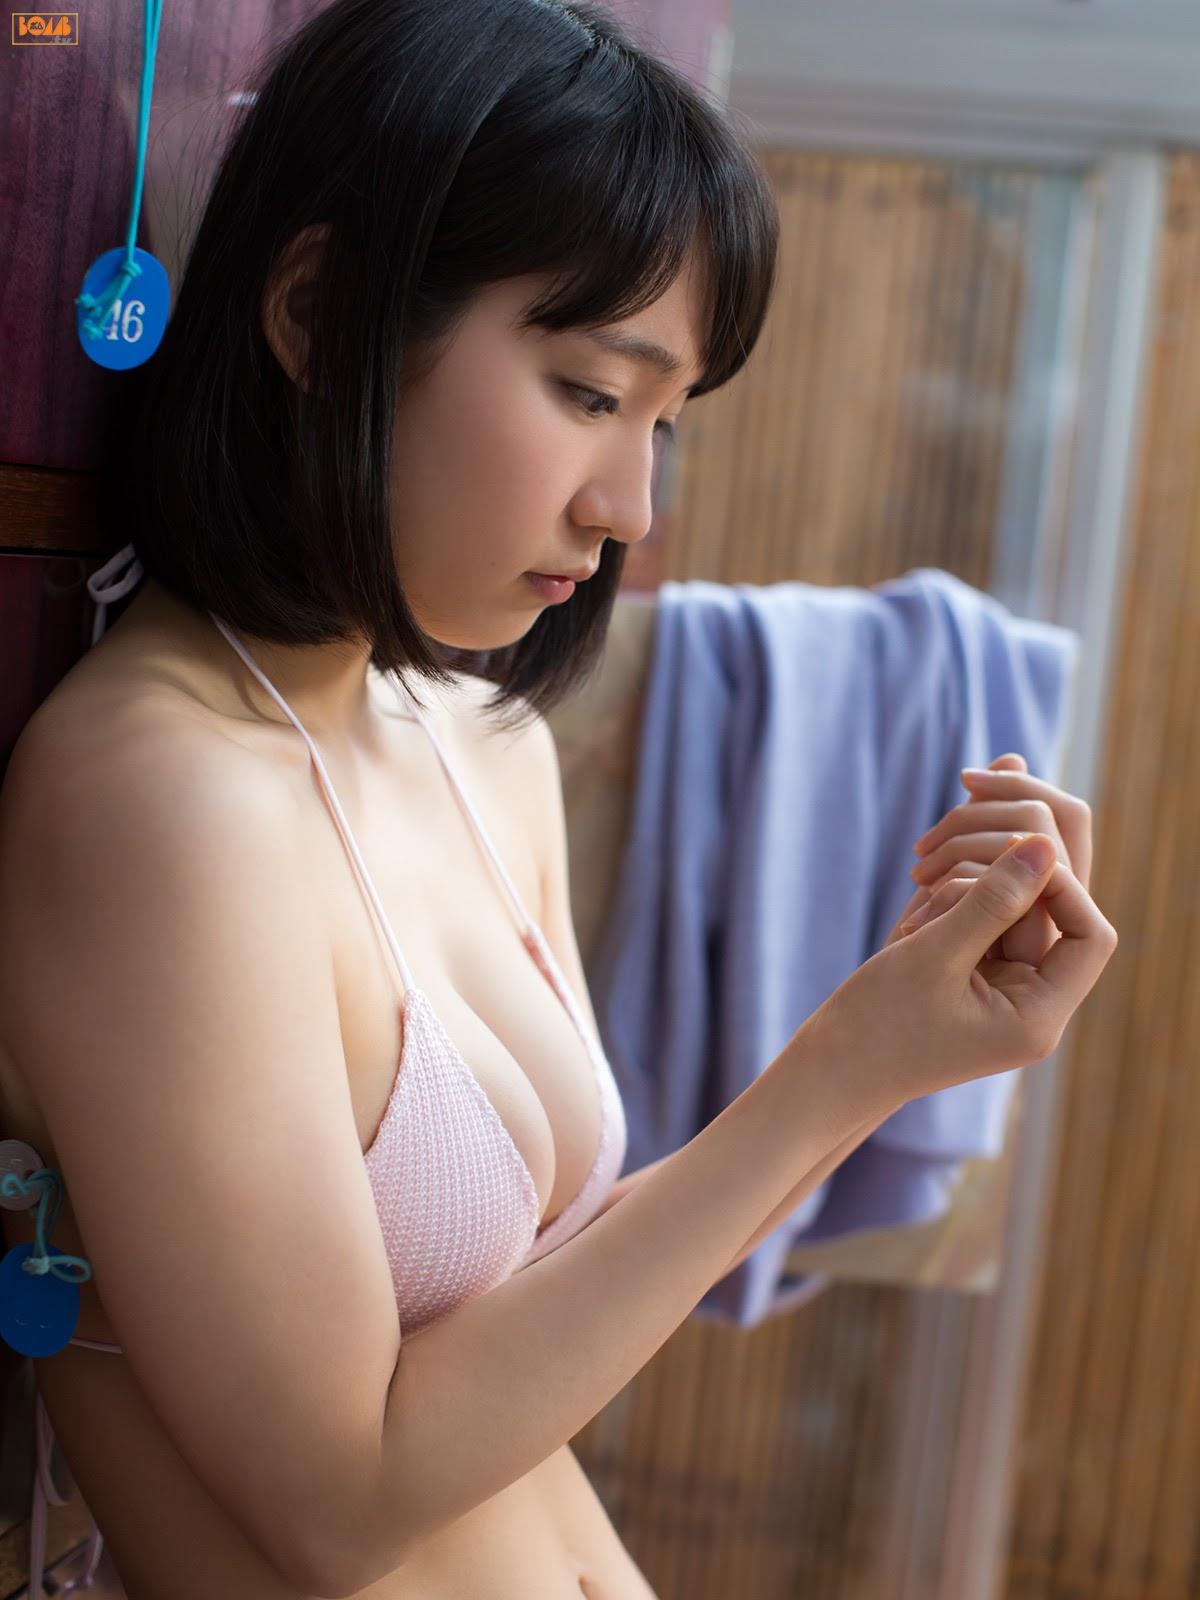 Valuable swimsuit gravure by Yoshiokari017